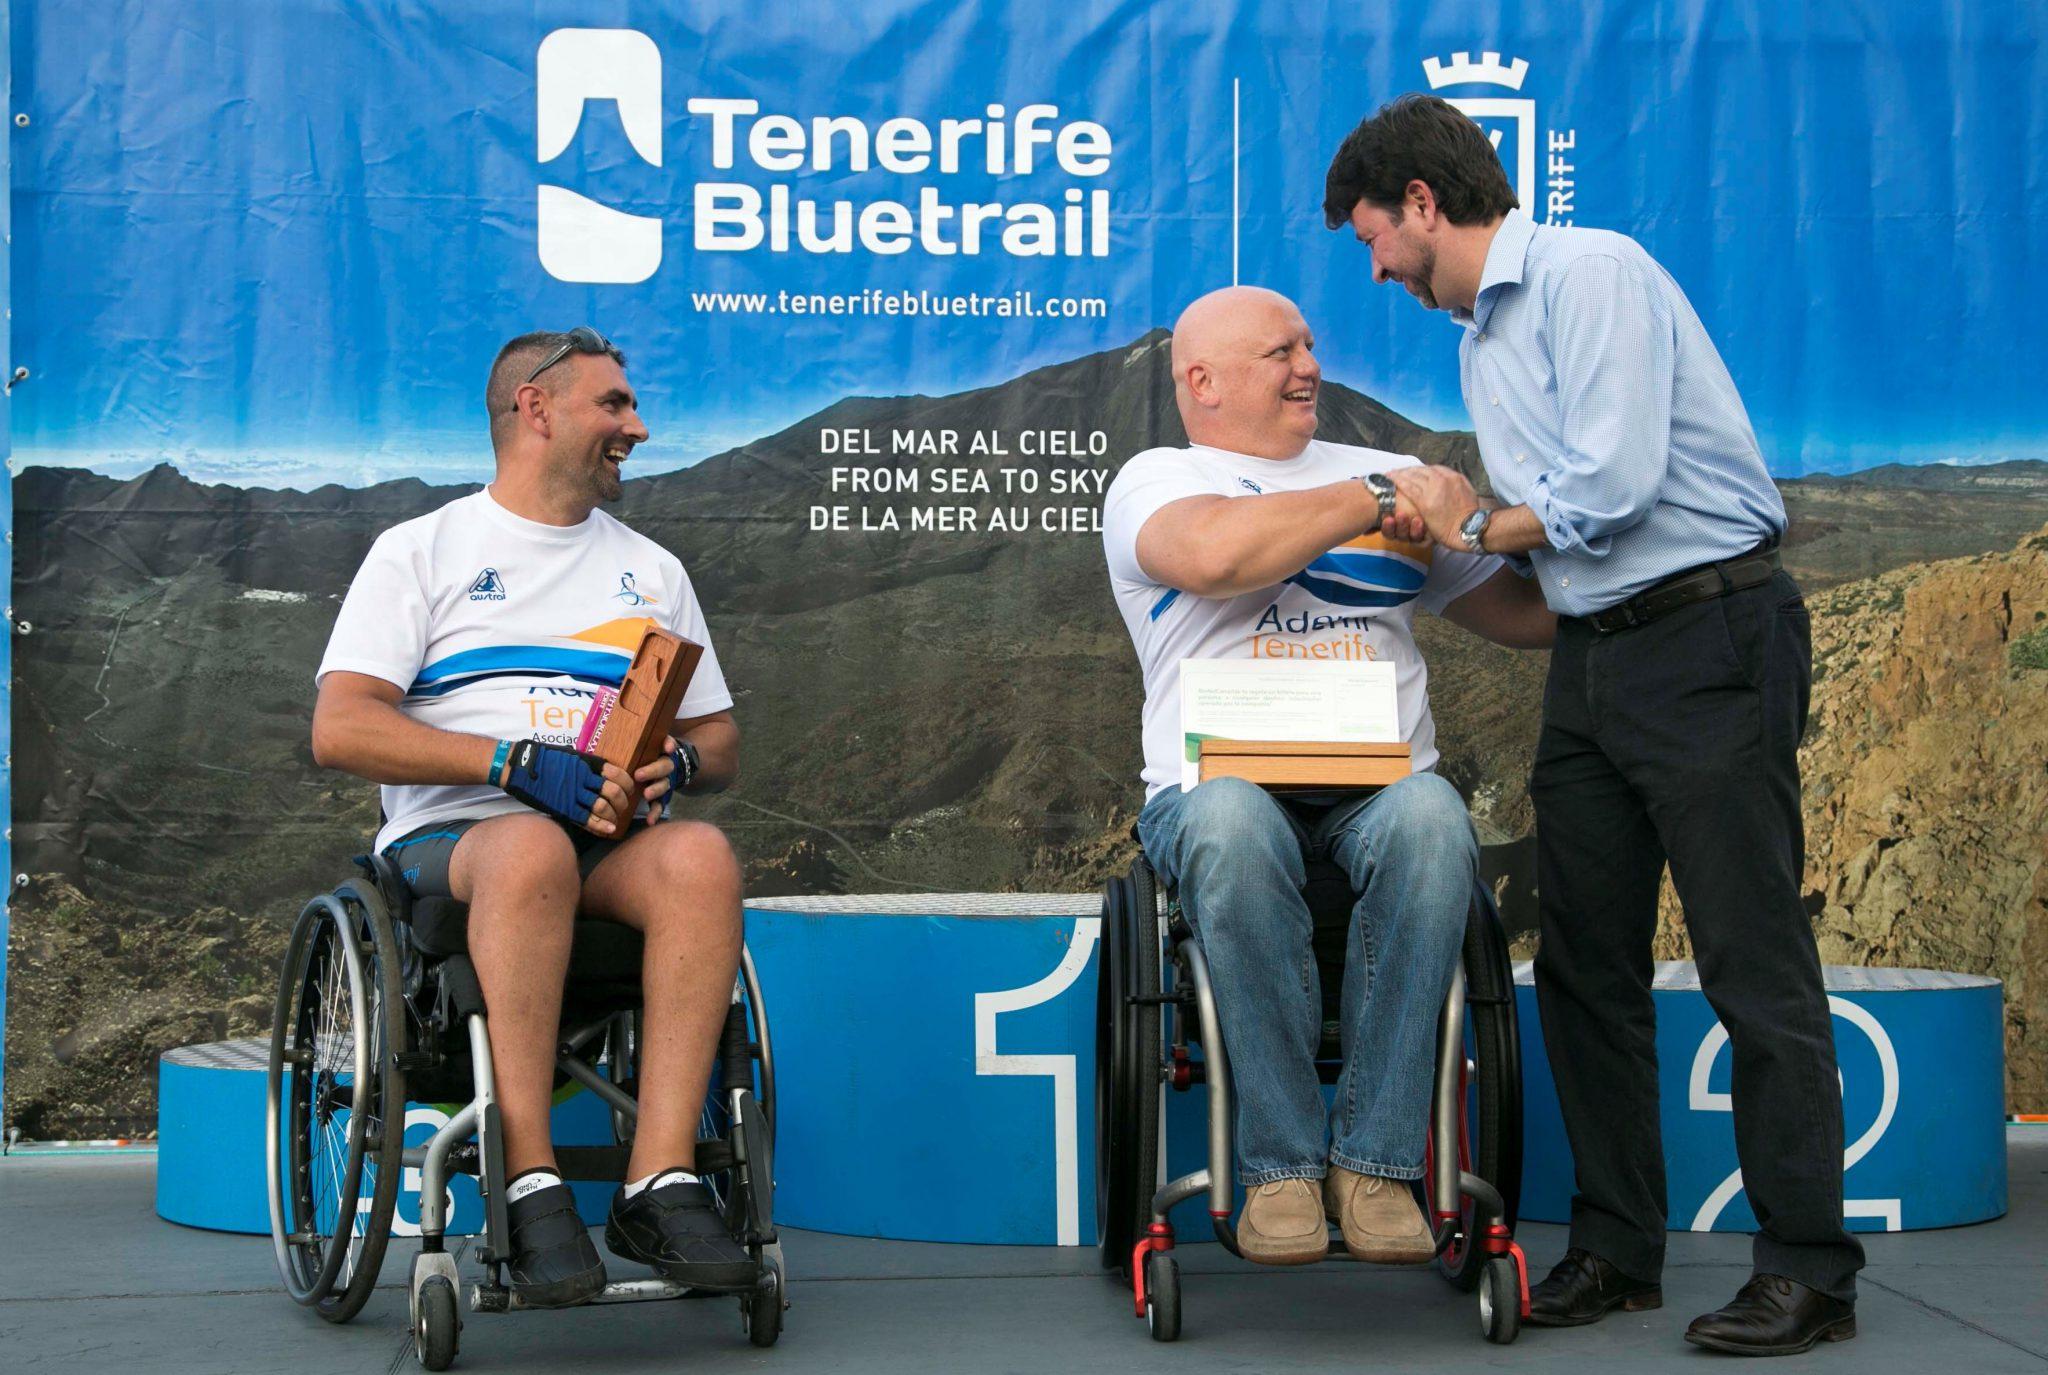 Los vencedores de la versión Adaptada de la Tenerife Bluetrail 2013 y el presidente del Cabildo, Carlos Alonso